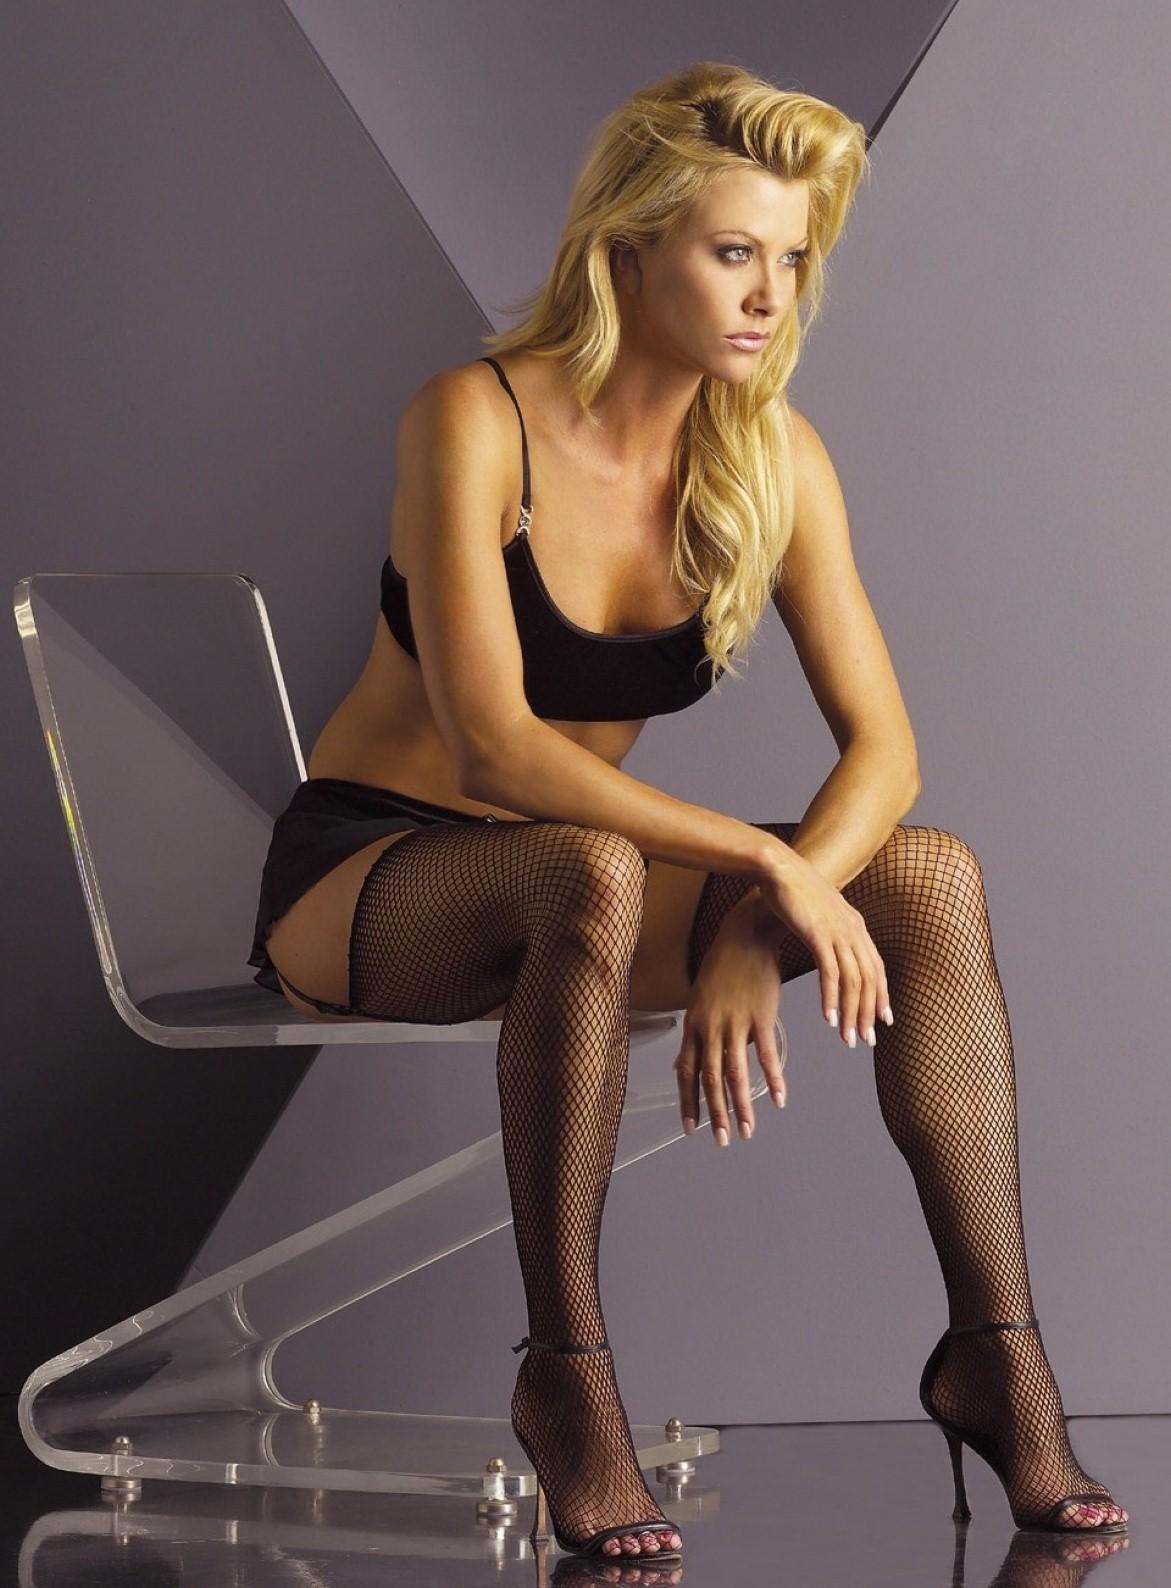 http://4.bp.blogspot.com/_UaLWp72nij4/S_bs-YUW0sI/AAAAAAAAMJE/6lL22oI0RQQ/s1600/lisa-dergan-feet-3.jpg